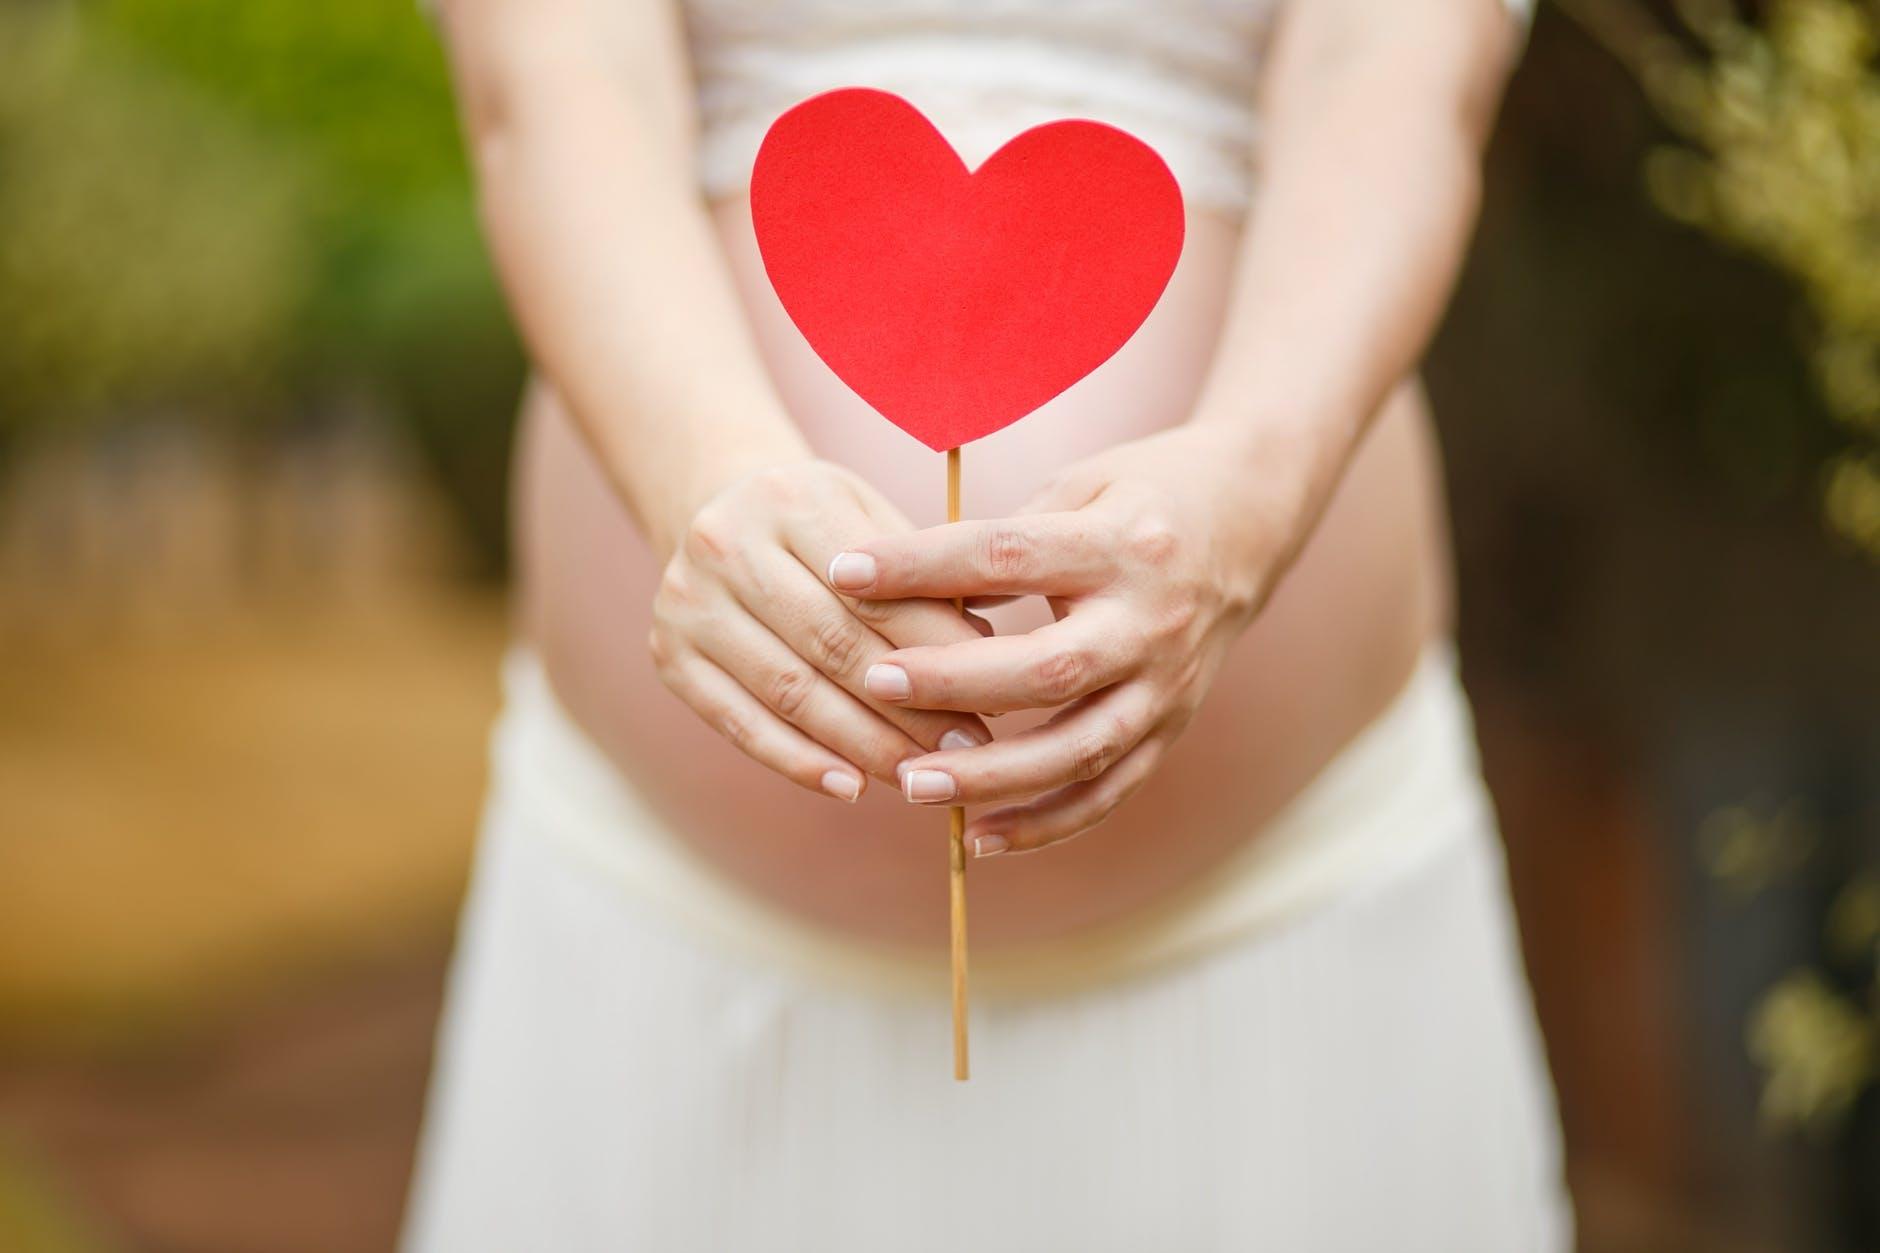 Eine Schwangere hält ein rotes Herz vor ihrem Bauch.